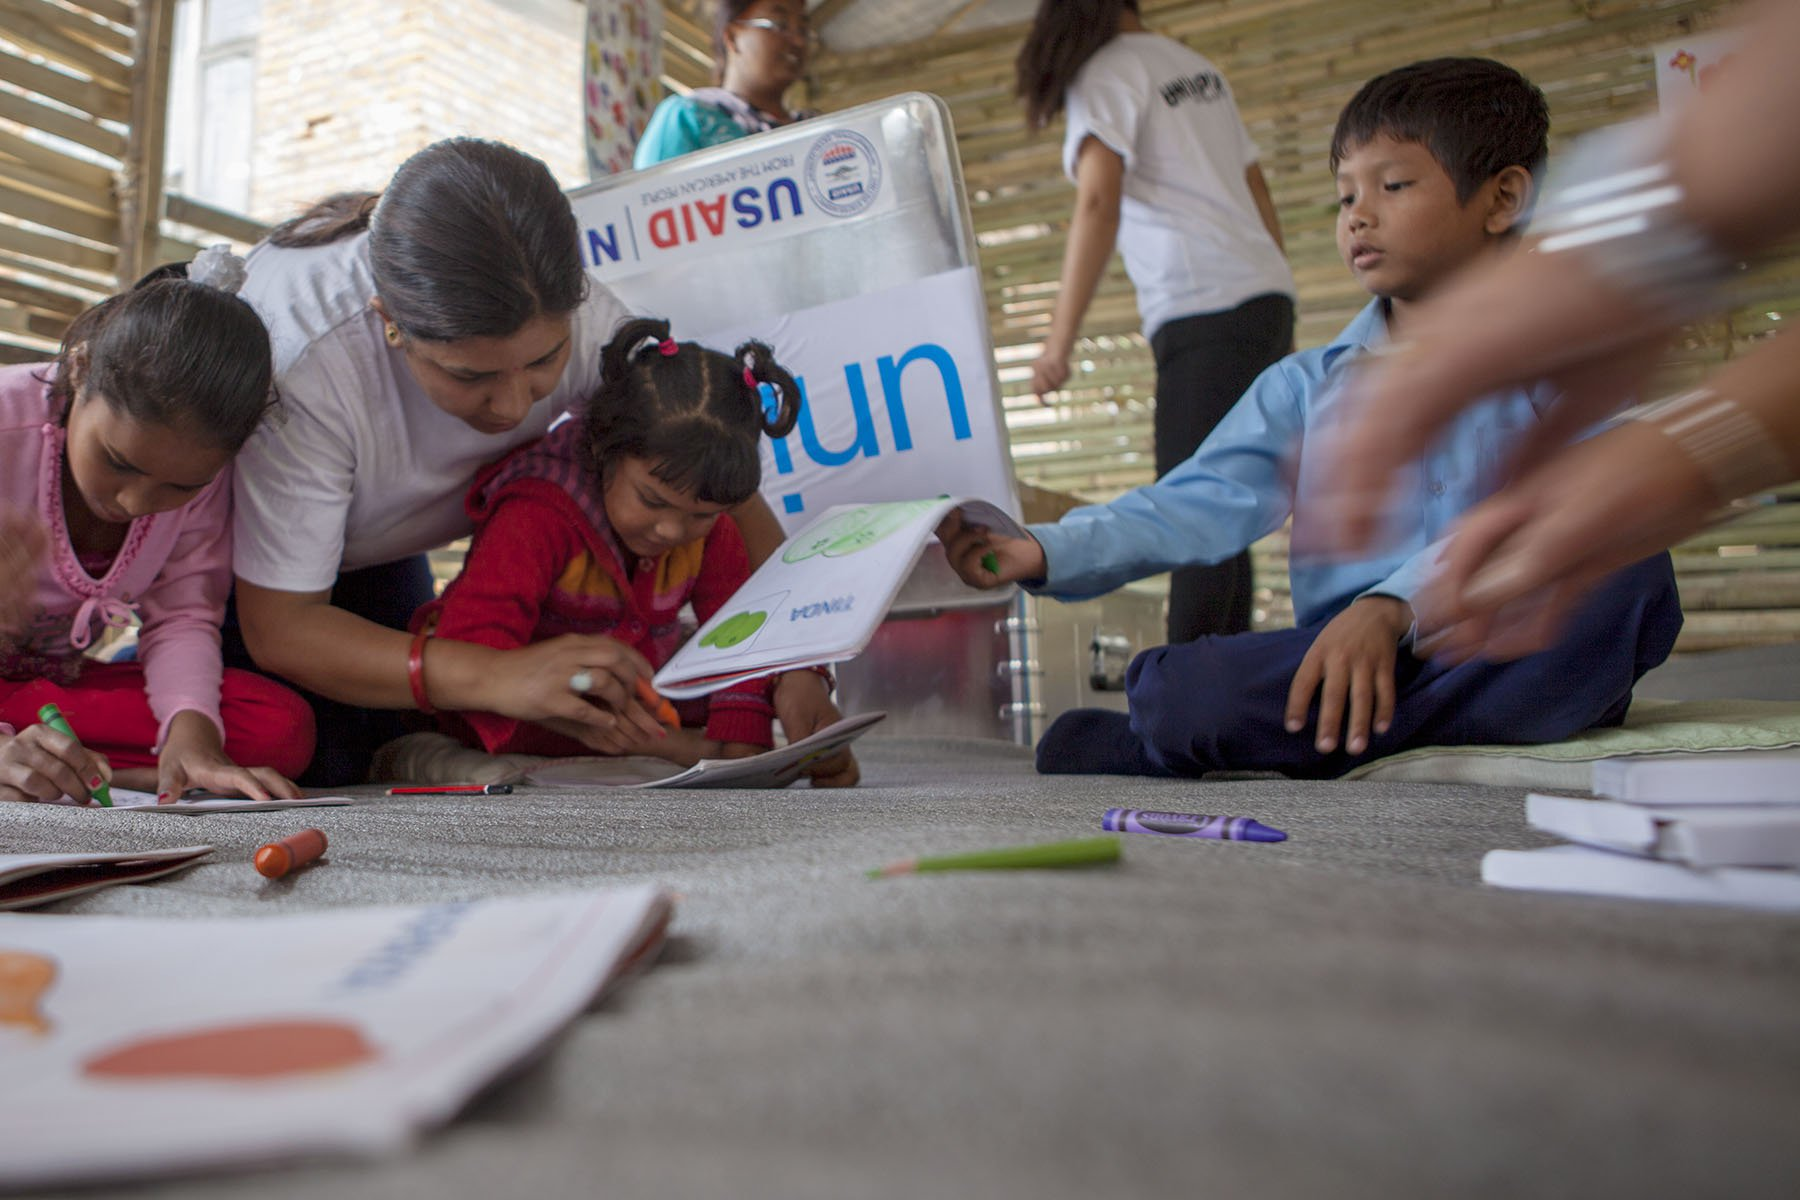 EducationAroundTheWorld_Nepal-Earthquake School_010.jpg